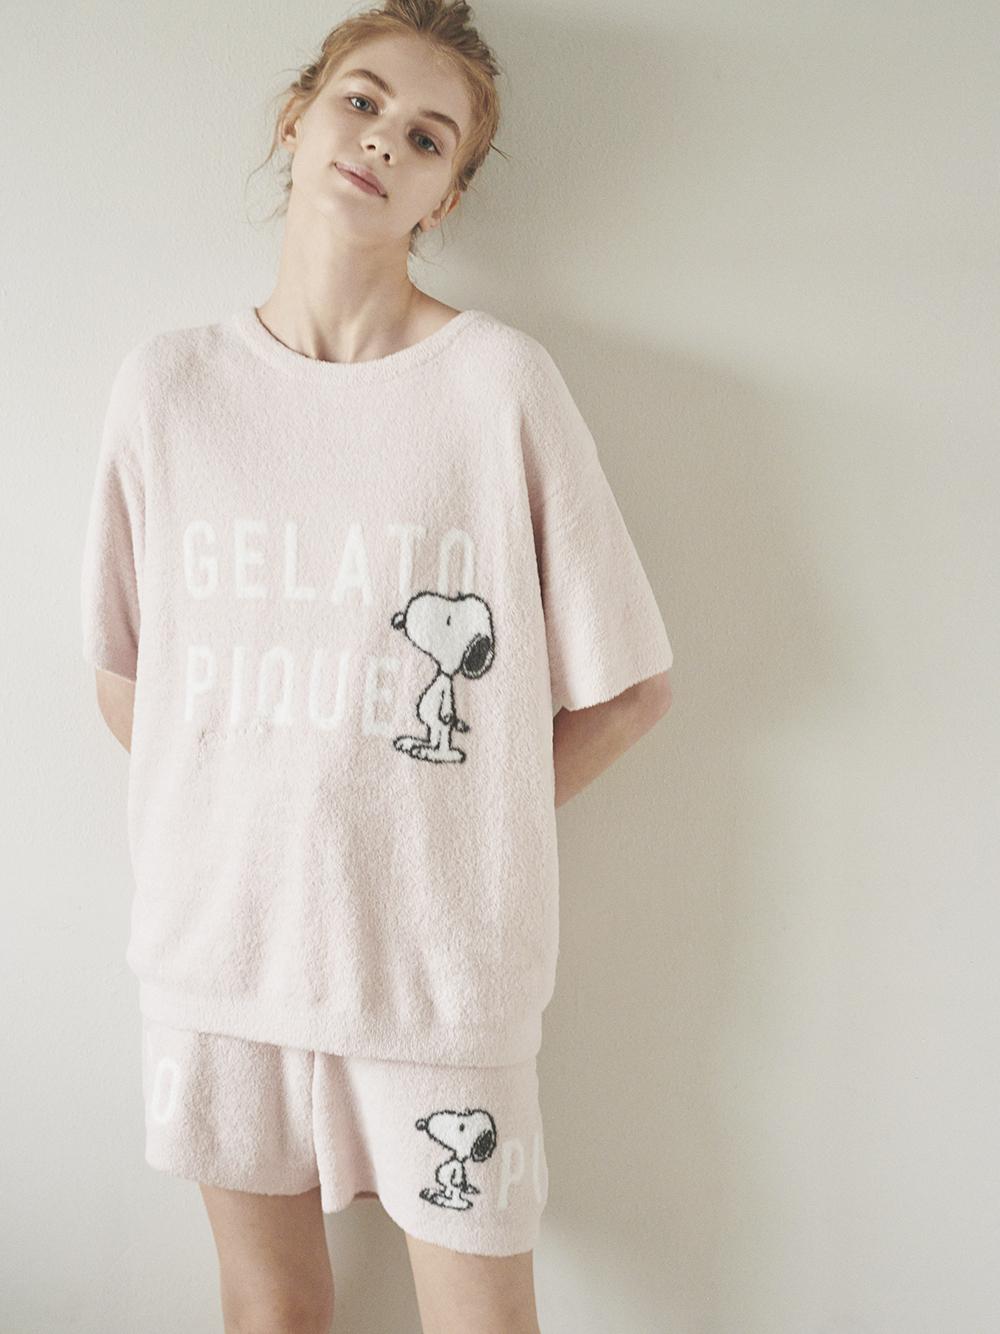 【PEANUTS】ロゴジャガードショートパンツ | PWNP212032